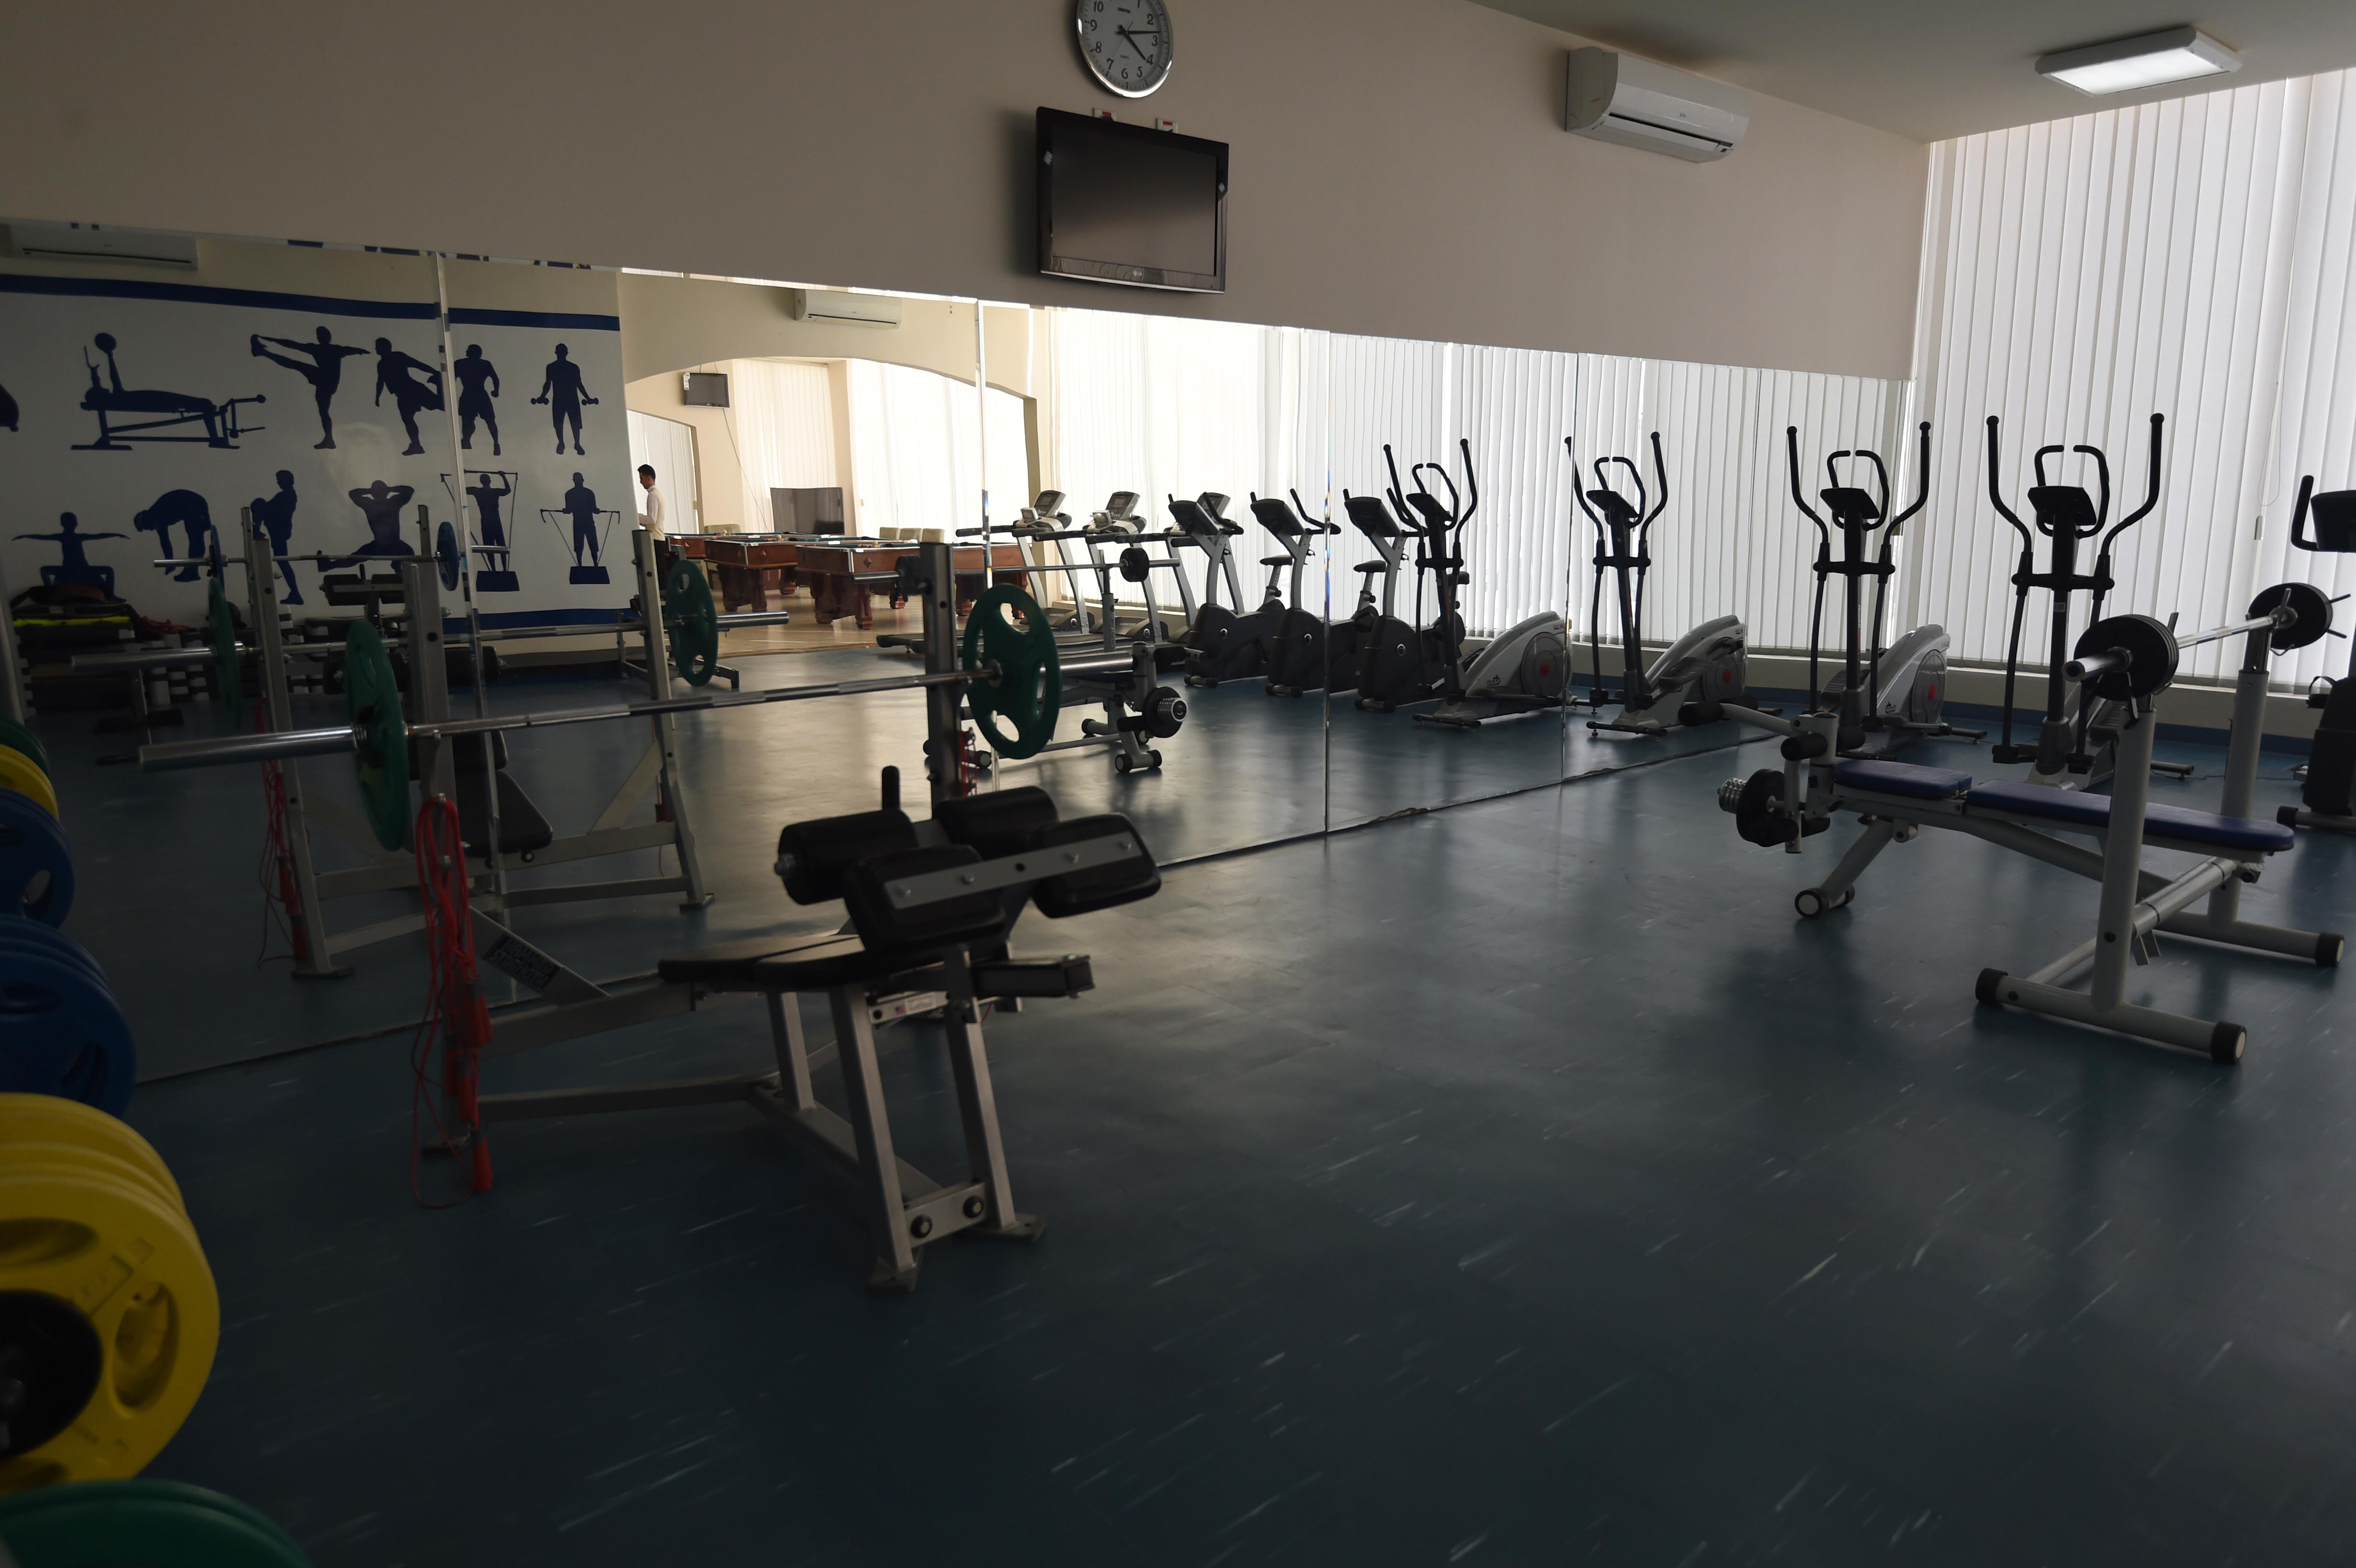 قاعة للتمارين الرياضية داخل مركز محمد بن نايف لمناصحة/وكالة الصحافة الفرنسية